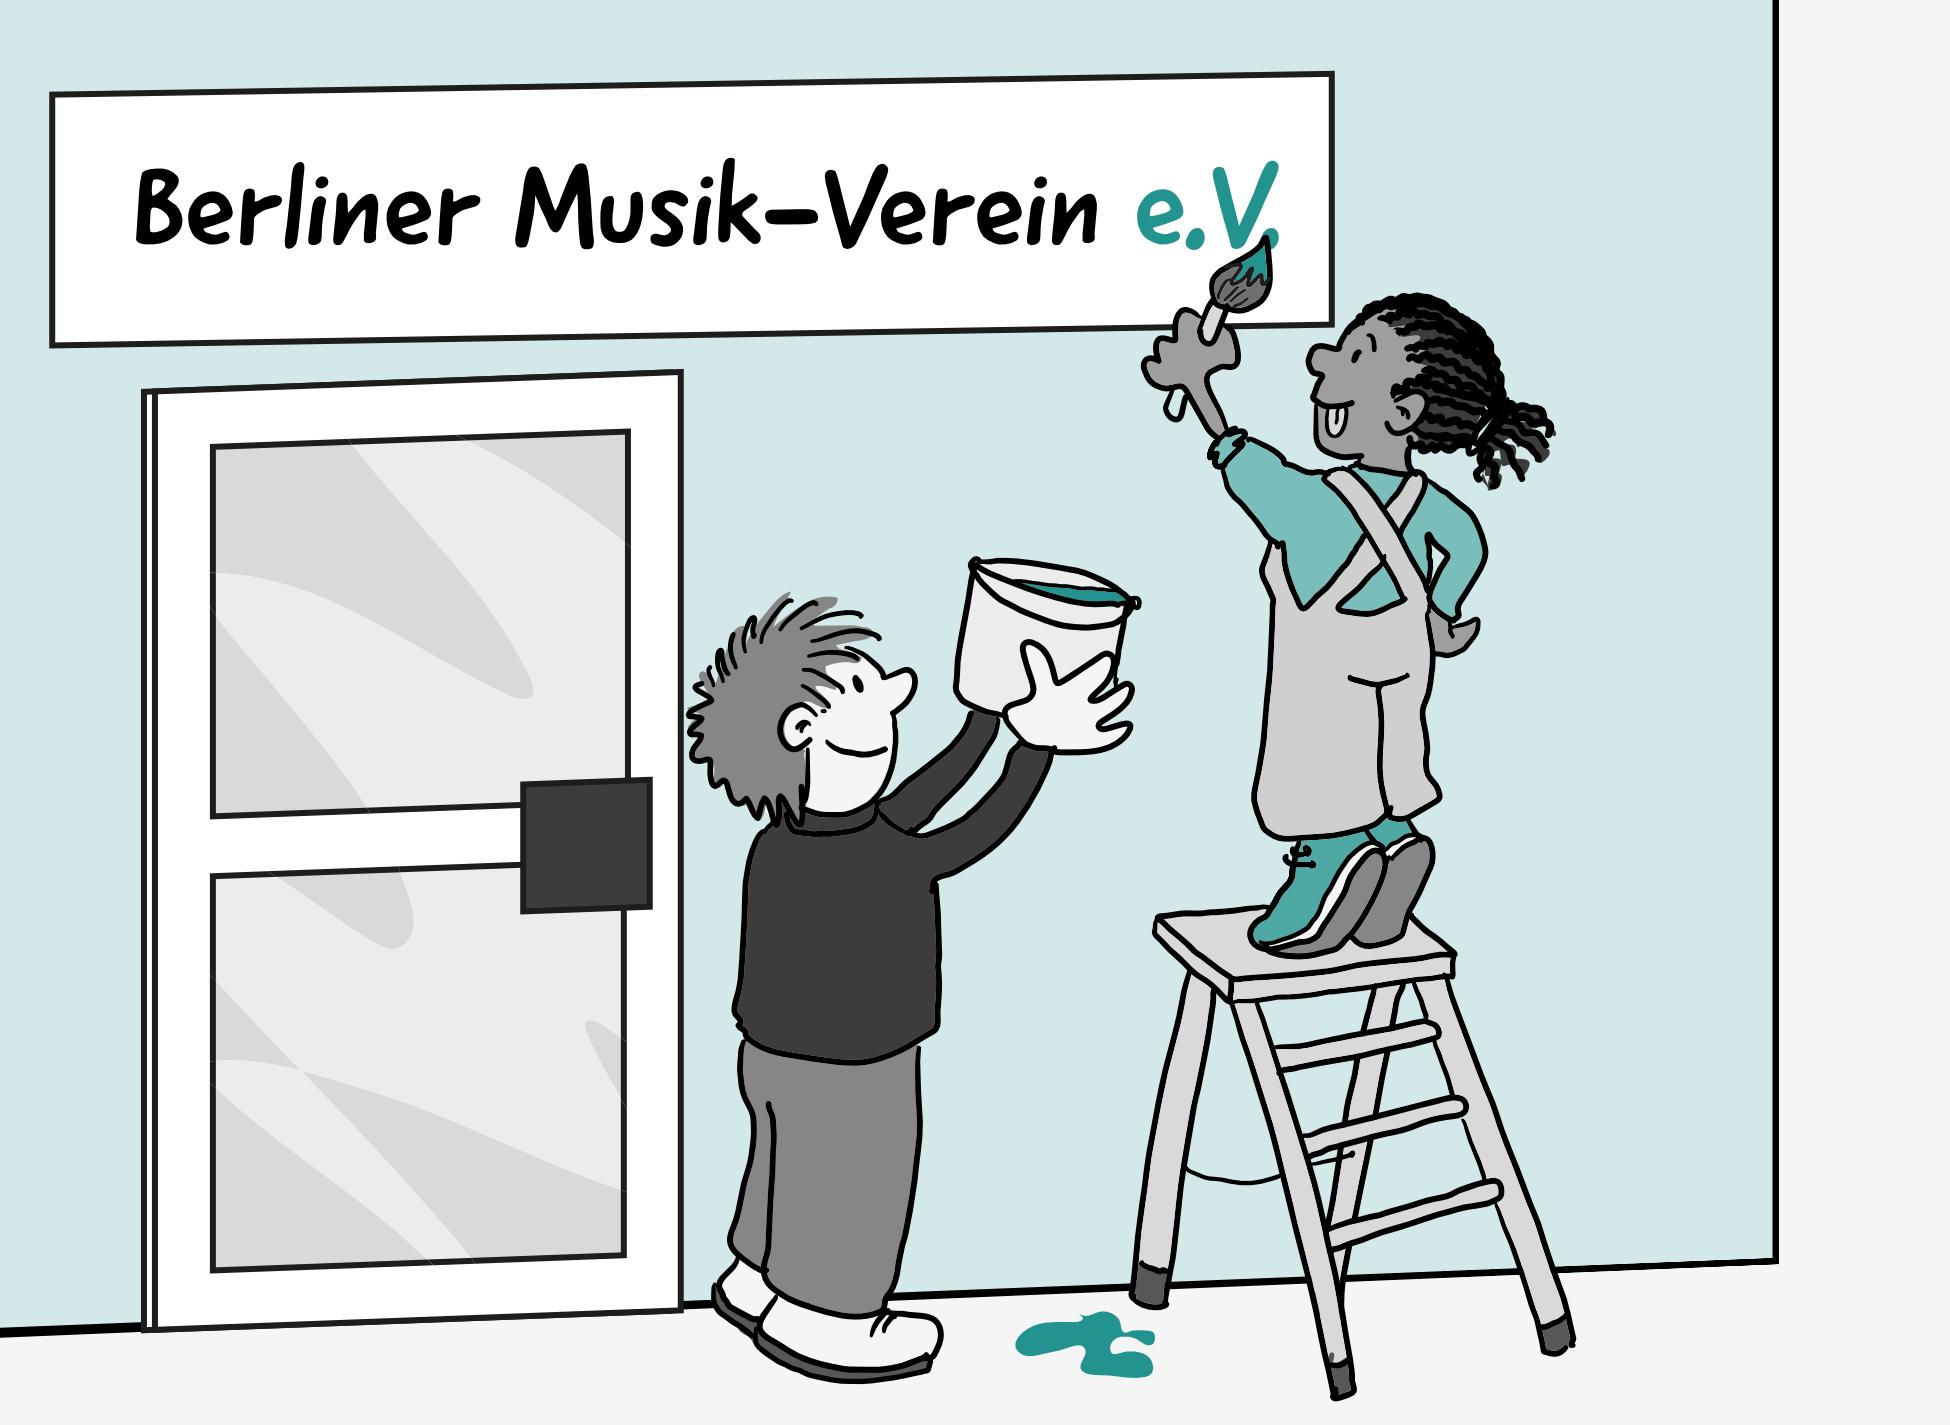 2 Personen arbeiten an einem großen Schild an der Außenwand von einem Haus. Die Person links hält einen Farbeimer in die Höhe. Die Person rechts streckt sich auf einer Leiter zum Schild. Sie vollendet mit dem Pinsel gerade den letzten grünen Punkt. Auf dem Schild steht in schwarzer Farbe: Berliner Musik-Verein. In grün steht dahinter: e.V.